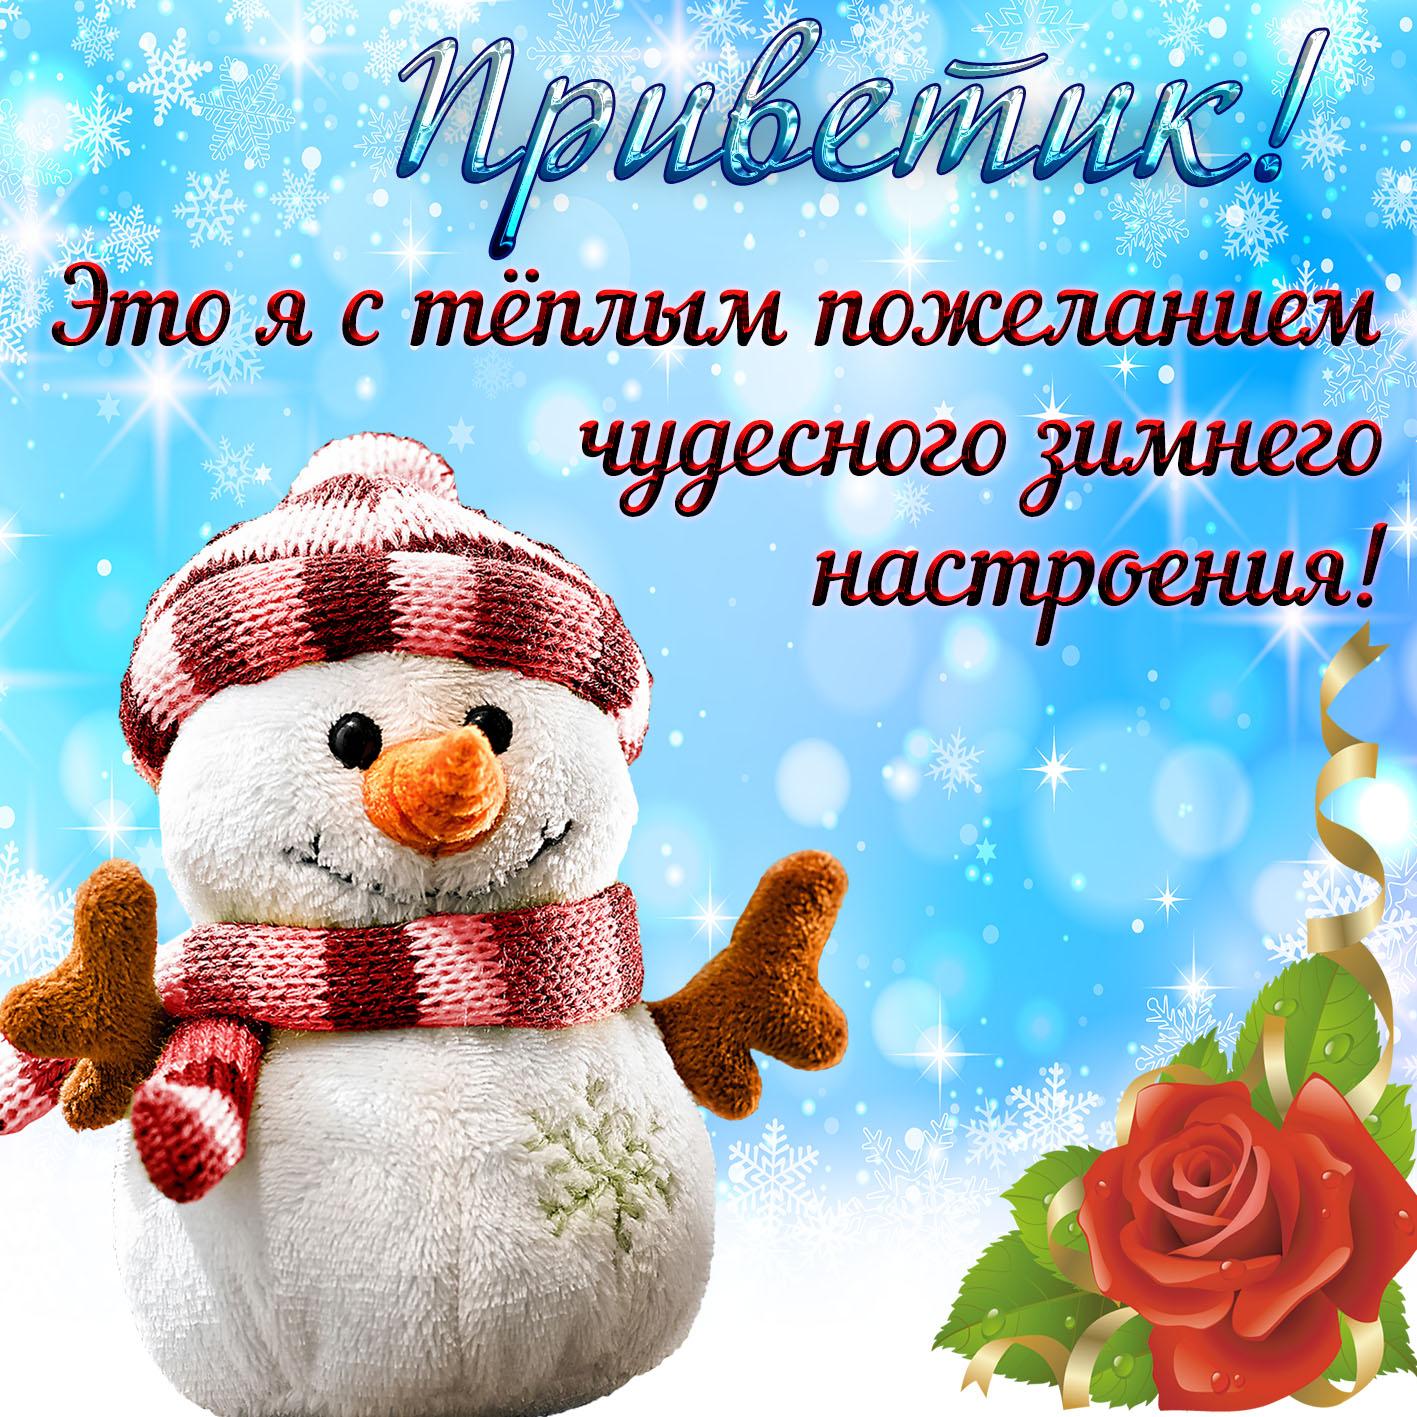 Открытка для настроения женщине зимняя, картинки